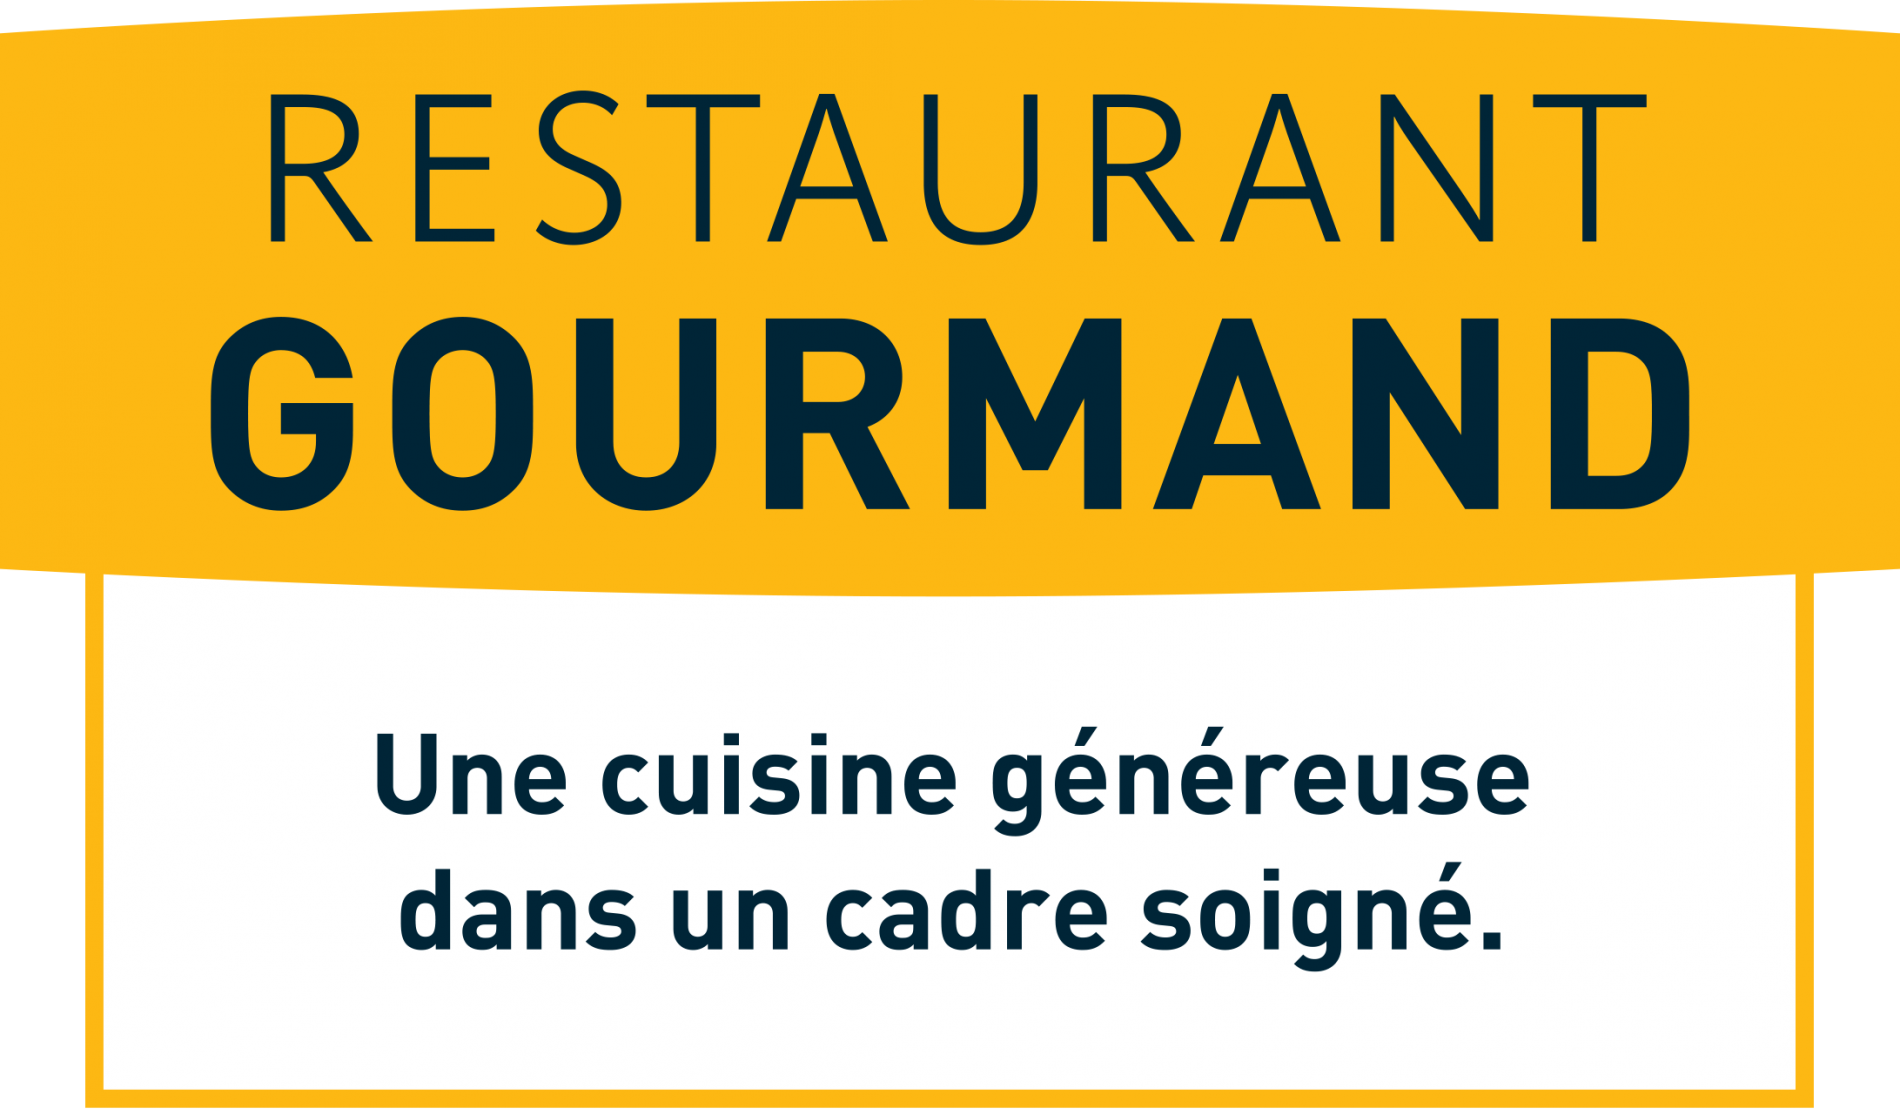 Logis Hotel Restaurant Gourmand  à Pauillac Hôtel de France et d'Angleterre